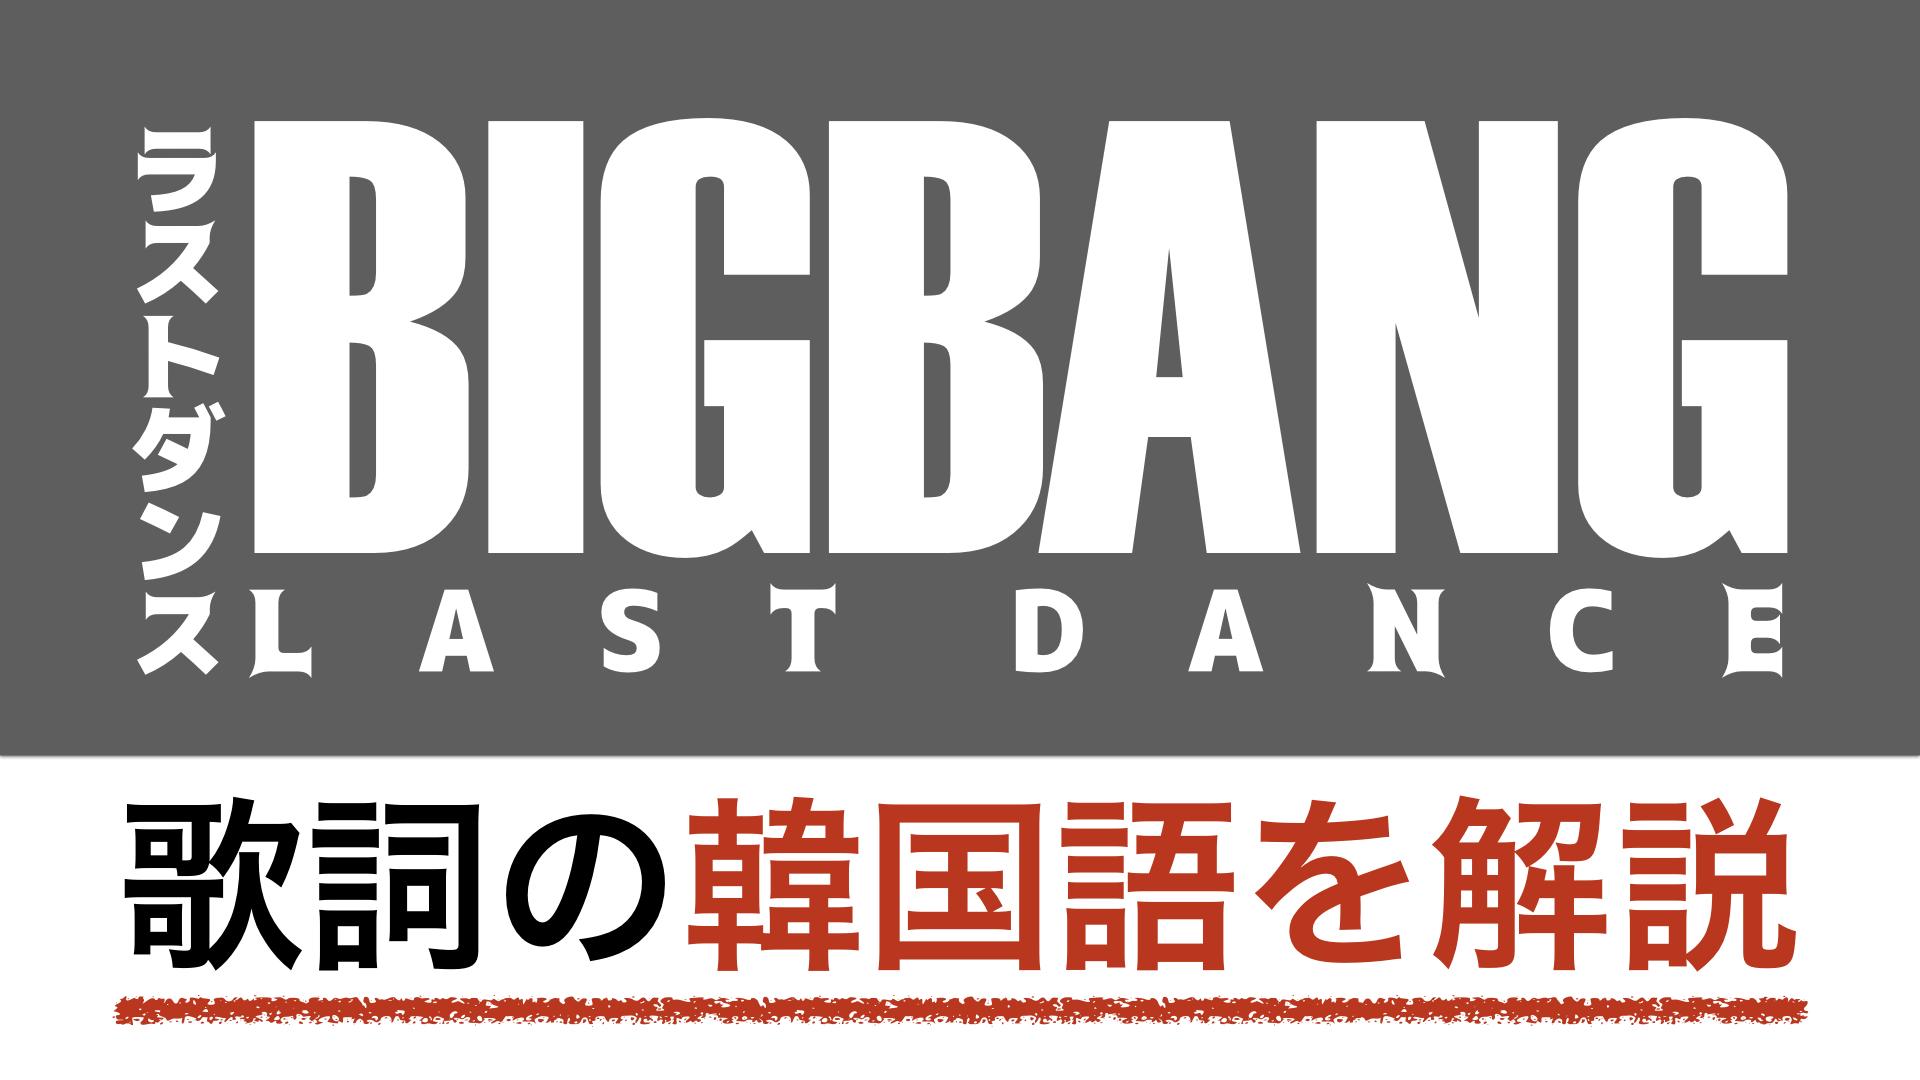 【K-POPで学ぶ韓国語】LAST DANCE(ラストダンス)/BIGBANGの歌詞を動画で解説!